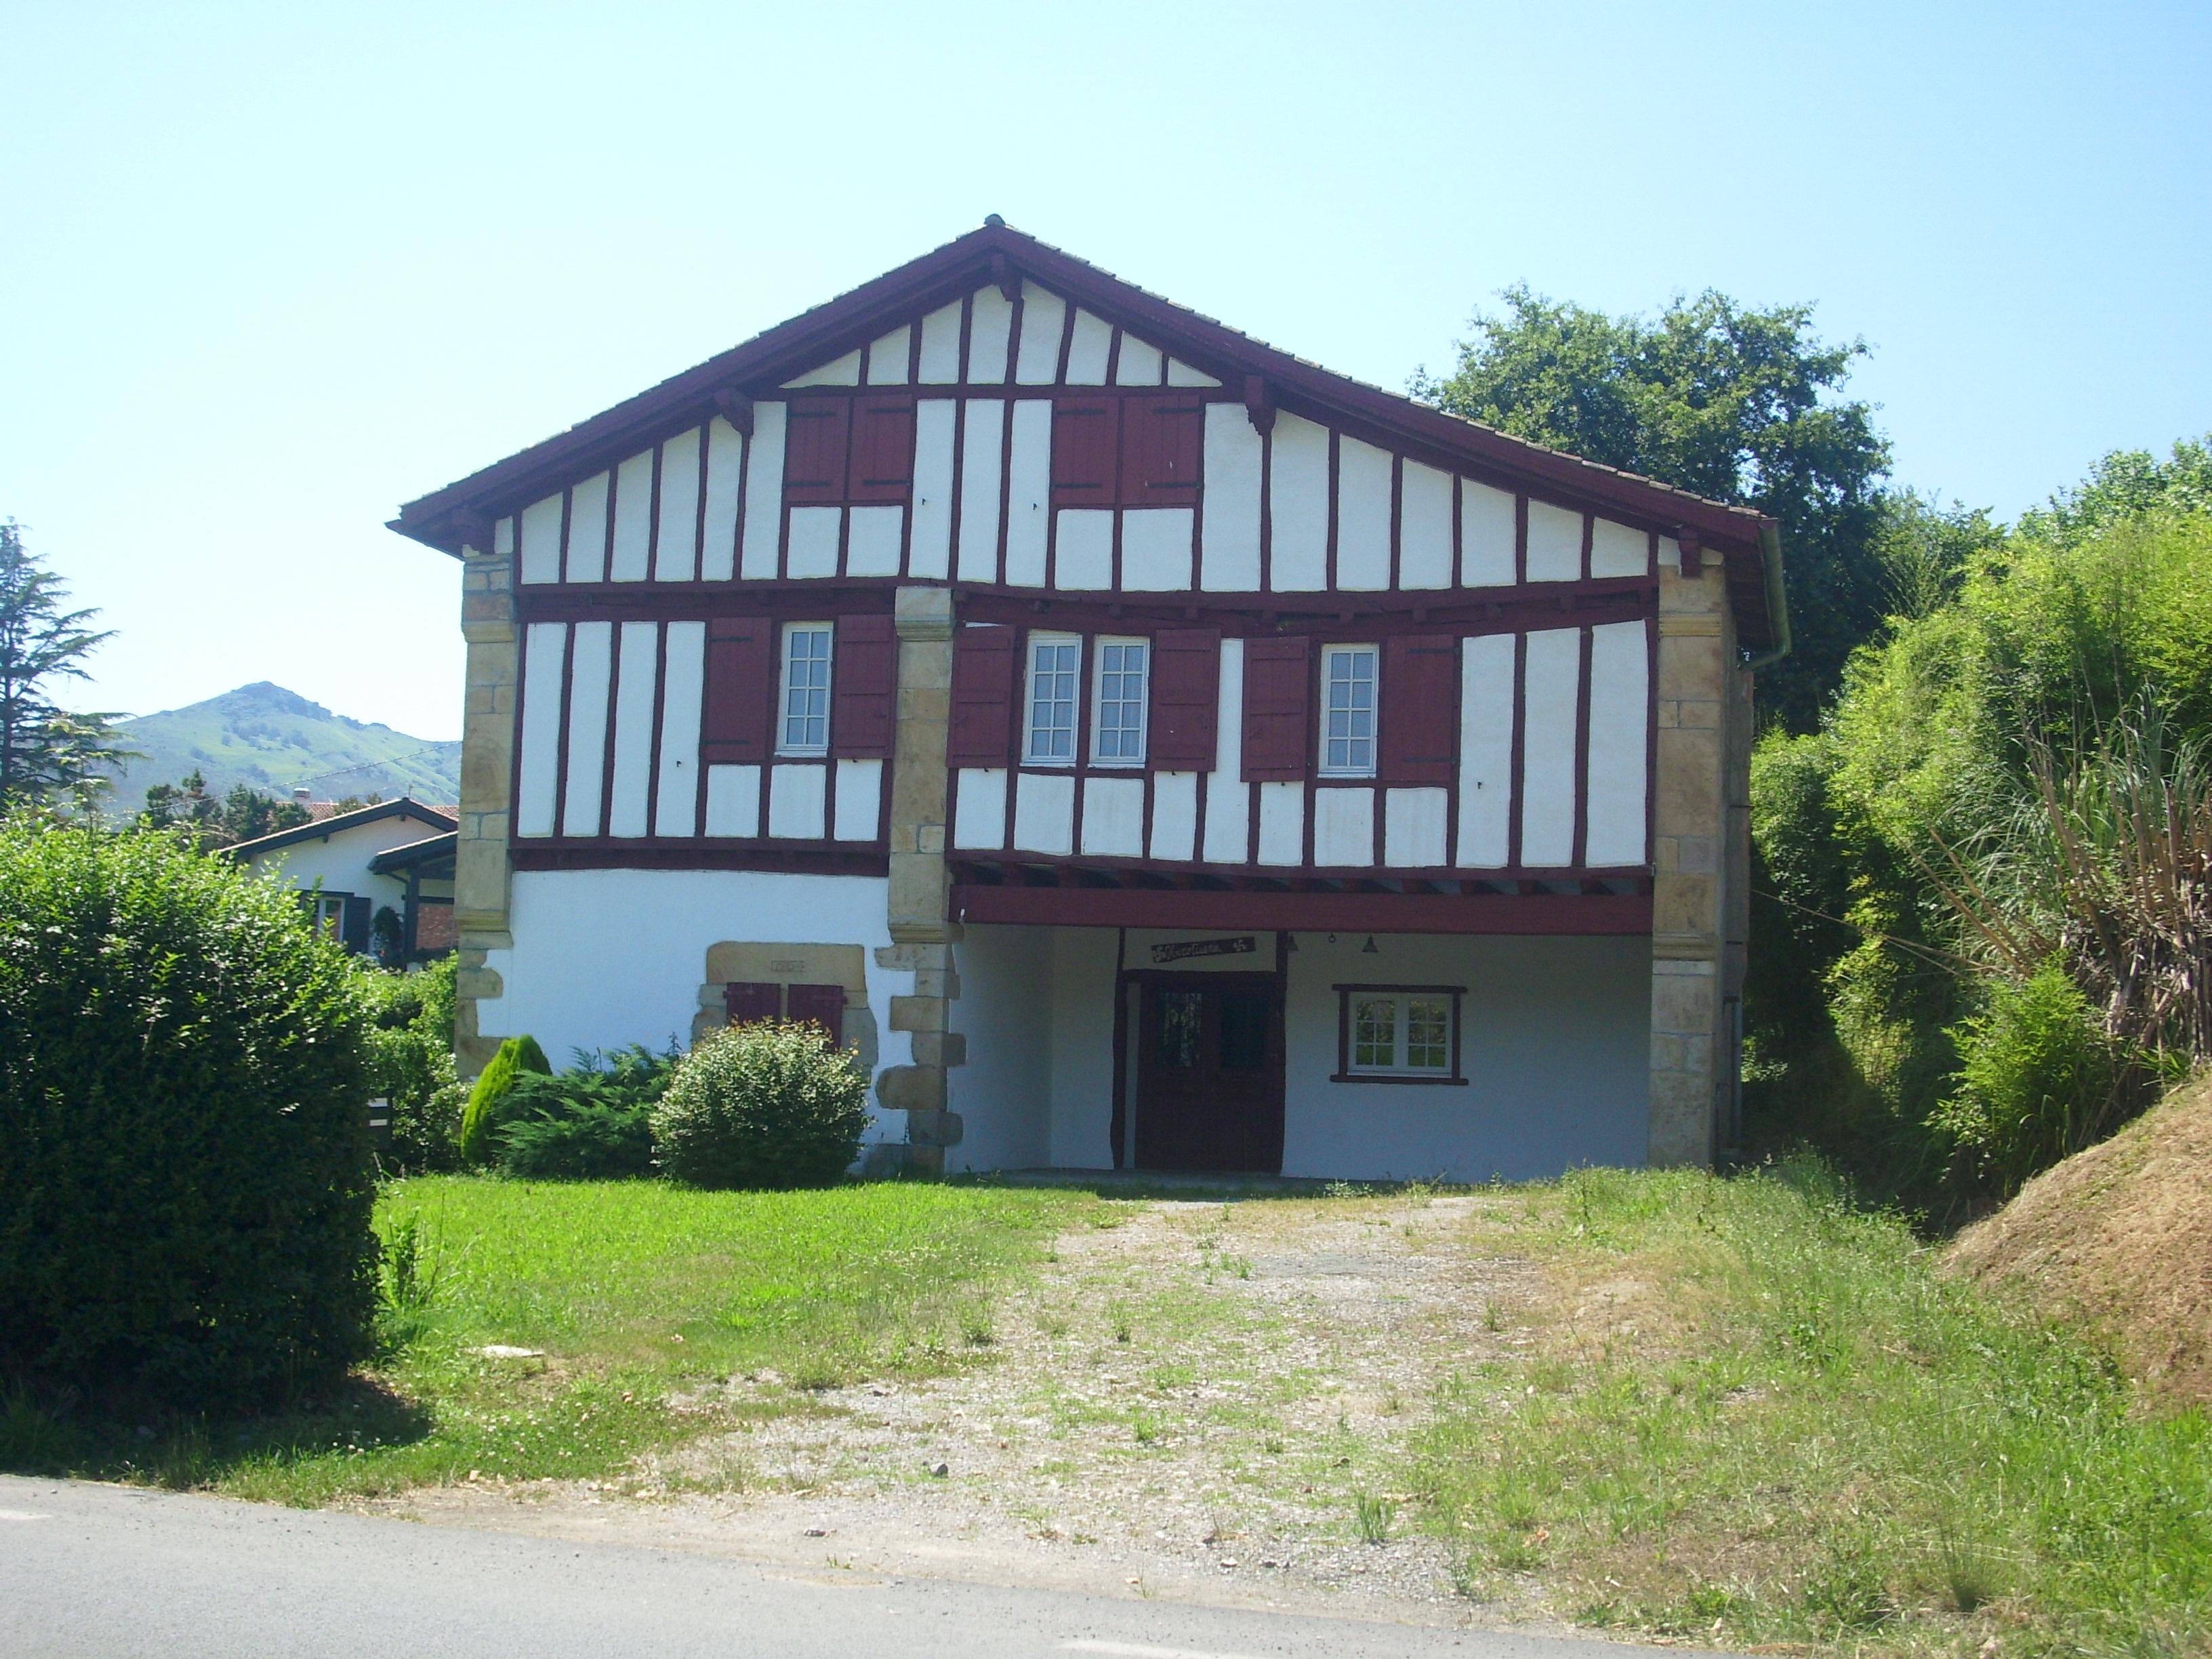 Maison typique pays basque mon quotidien maedre for Maison typique